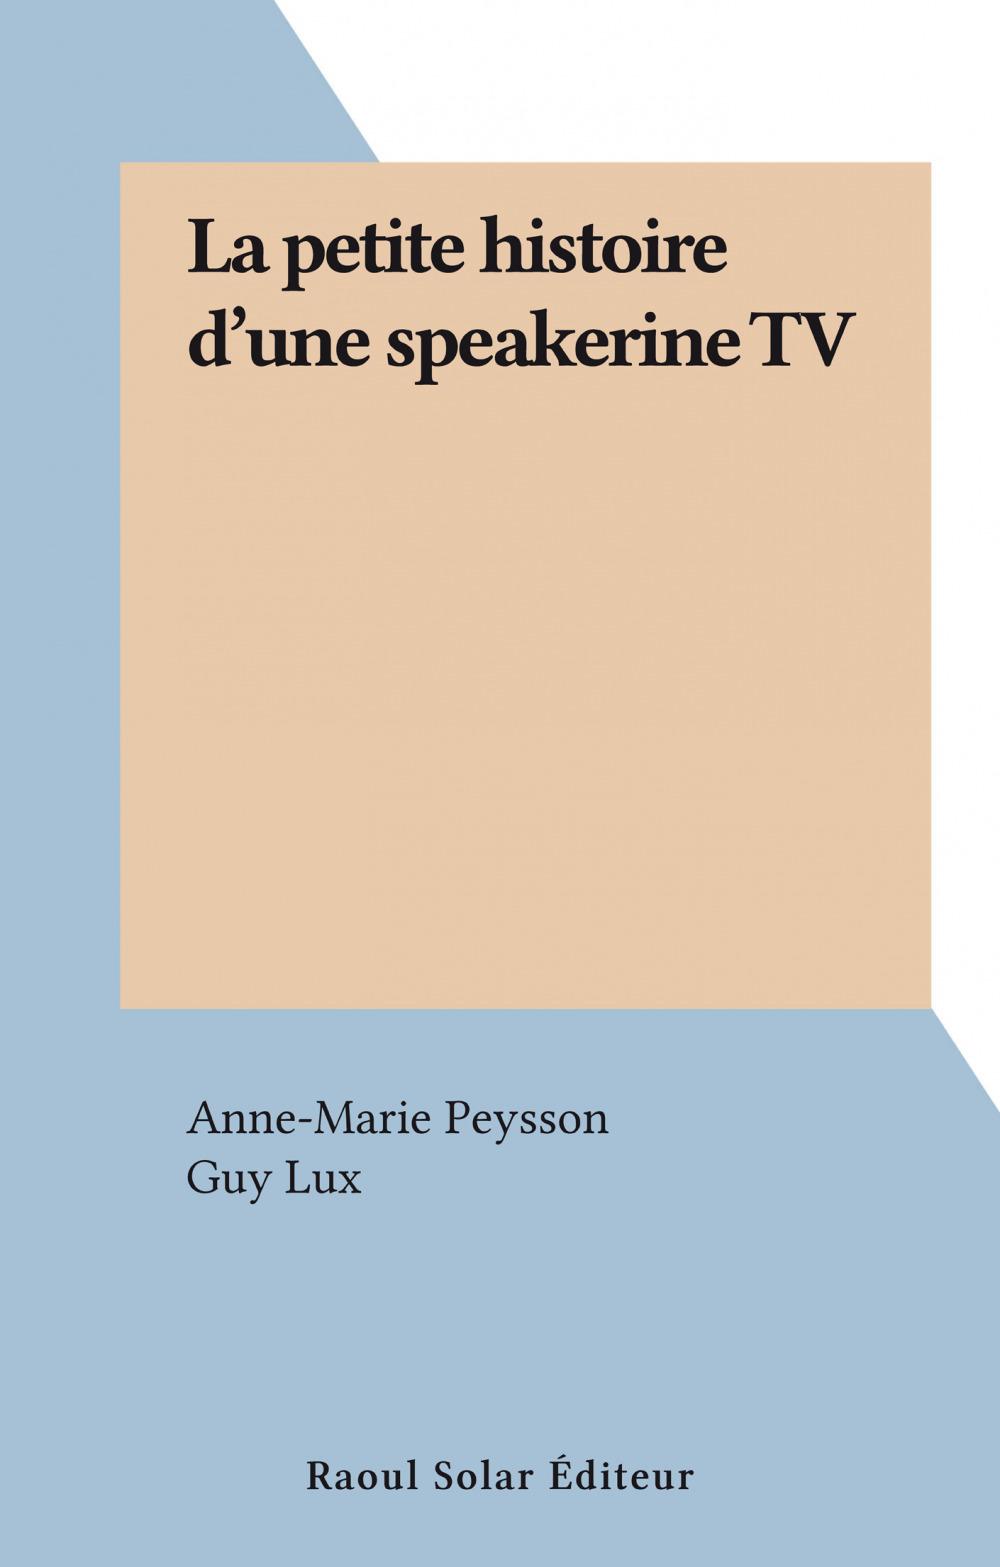 La petite histoire d'une speakerine TV